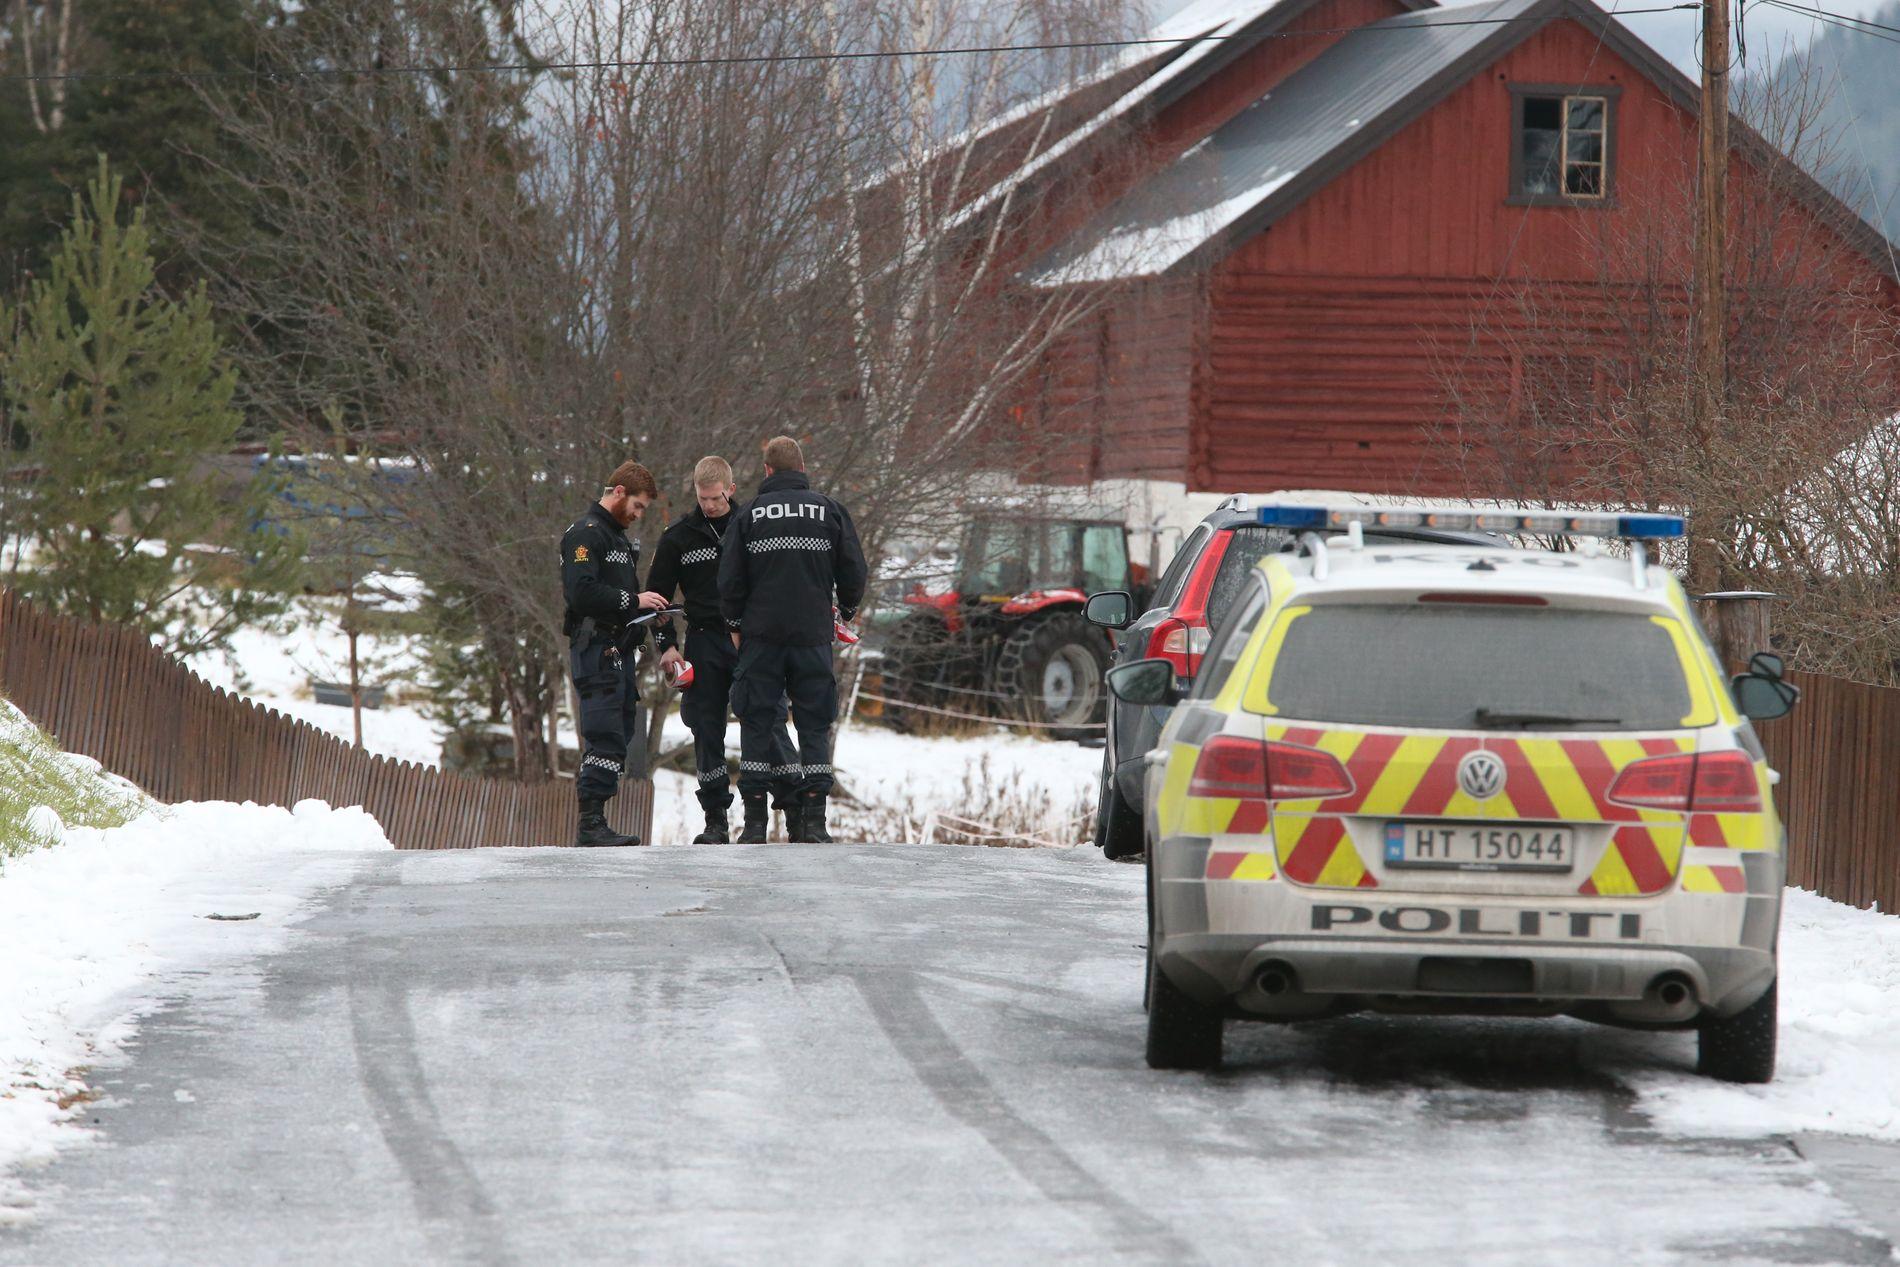 RYSTET LOKALSAMFUNNET: 16 år gamle Laura Iris Haugen ble funnet drept i sitt eget nabolag på Vinstra i fjor høst. Drapet rystet det lille lokalsamfunnet.